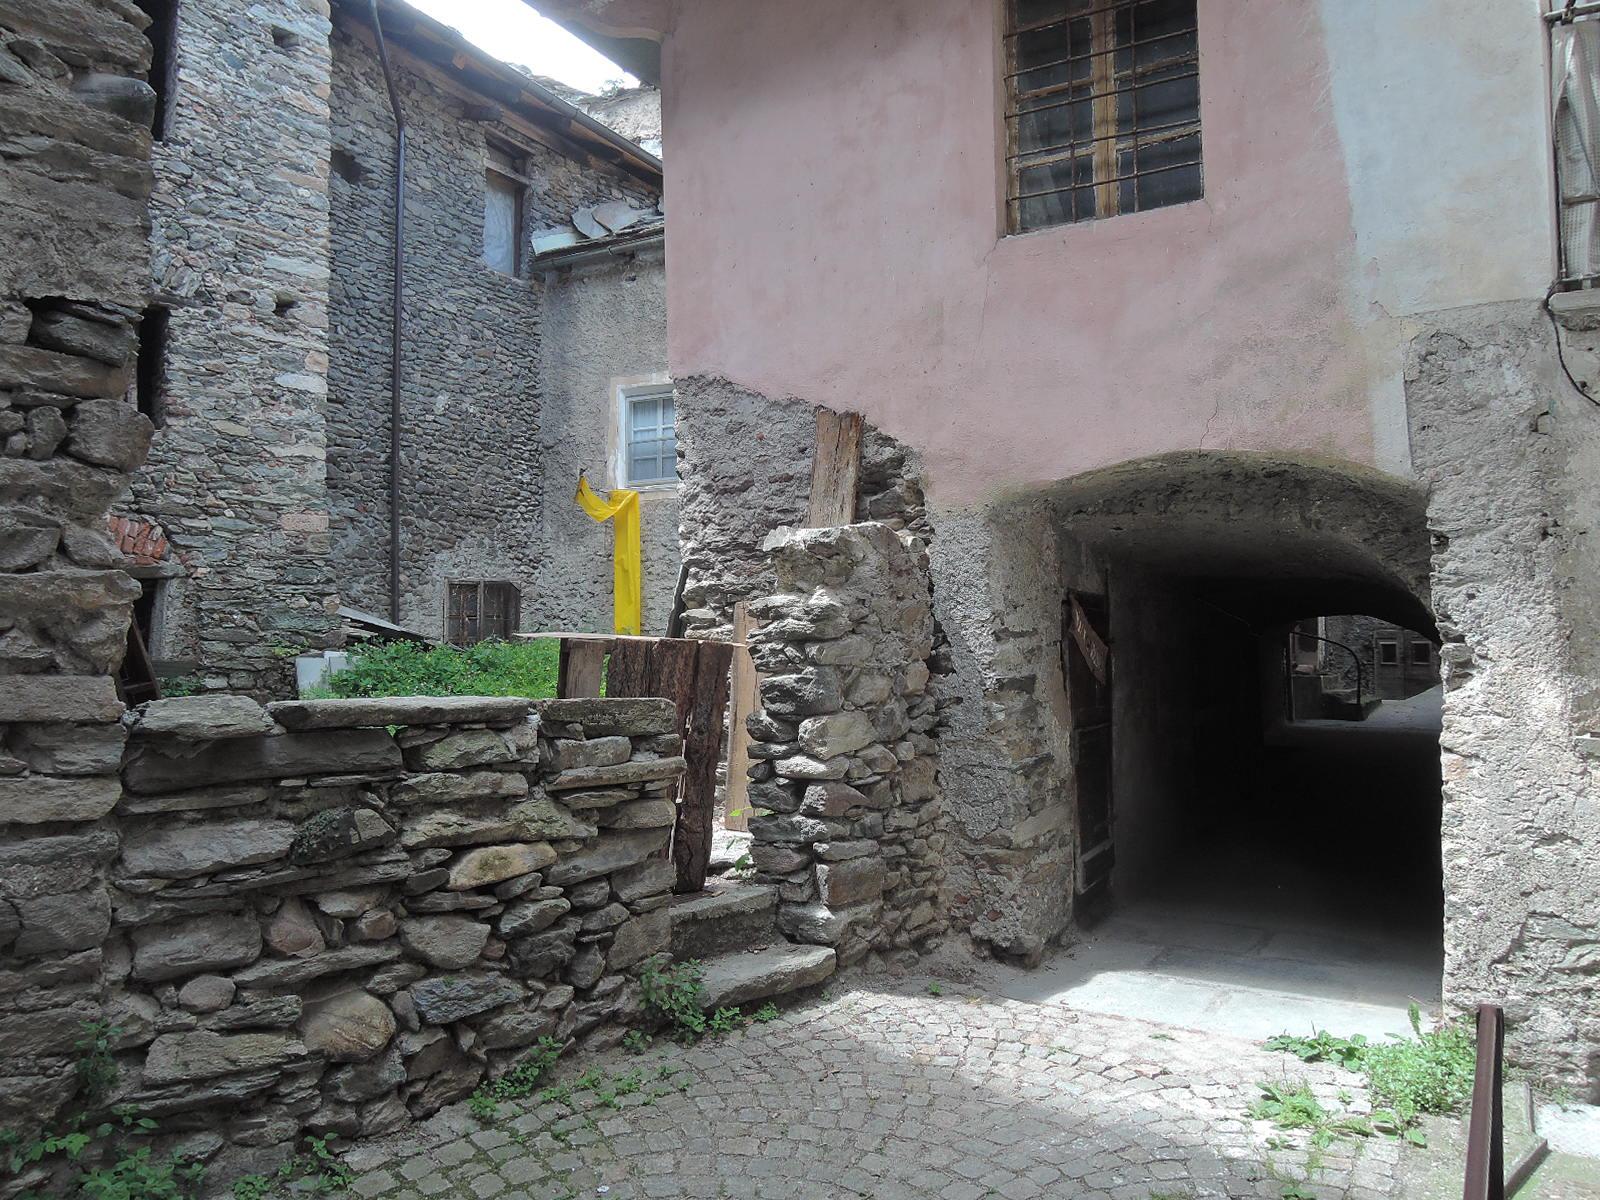 ...y desde el callejón a otras casas y patios.